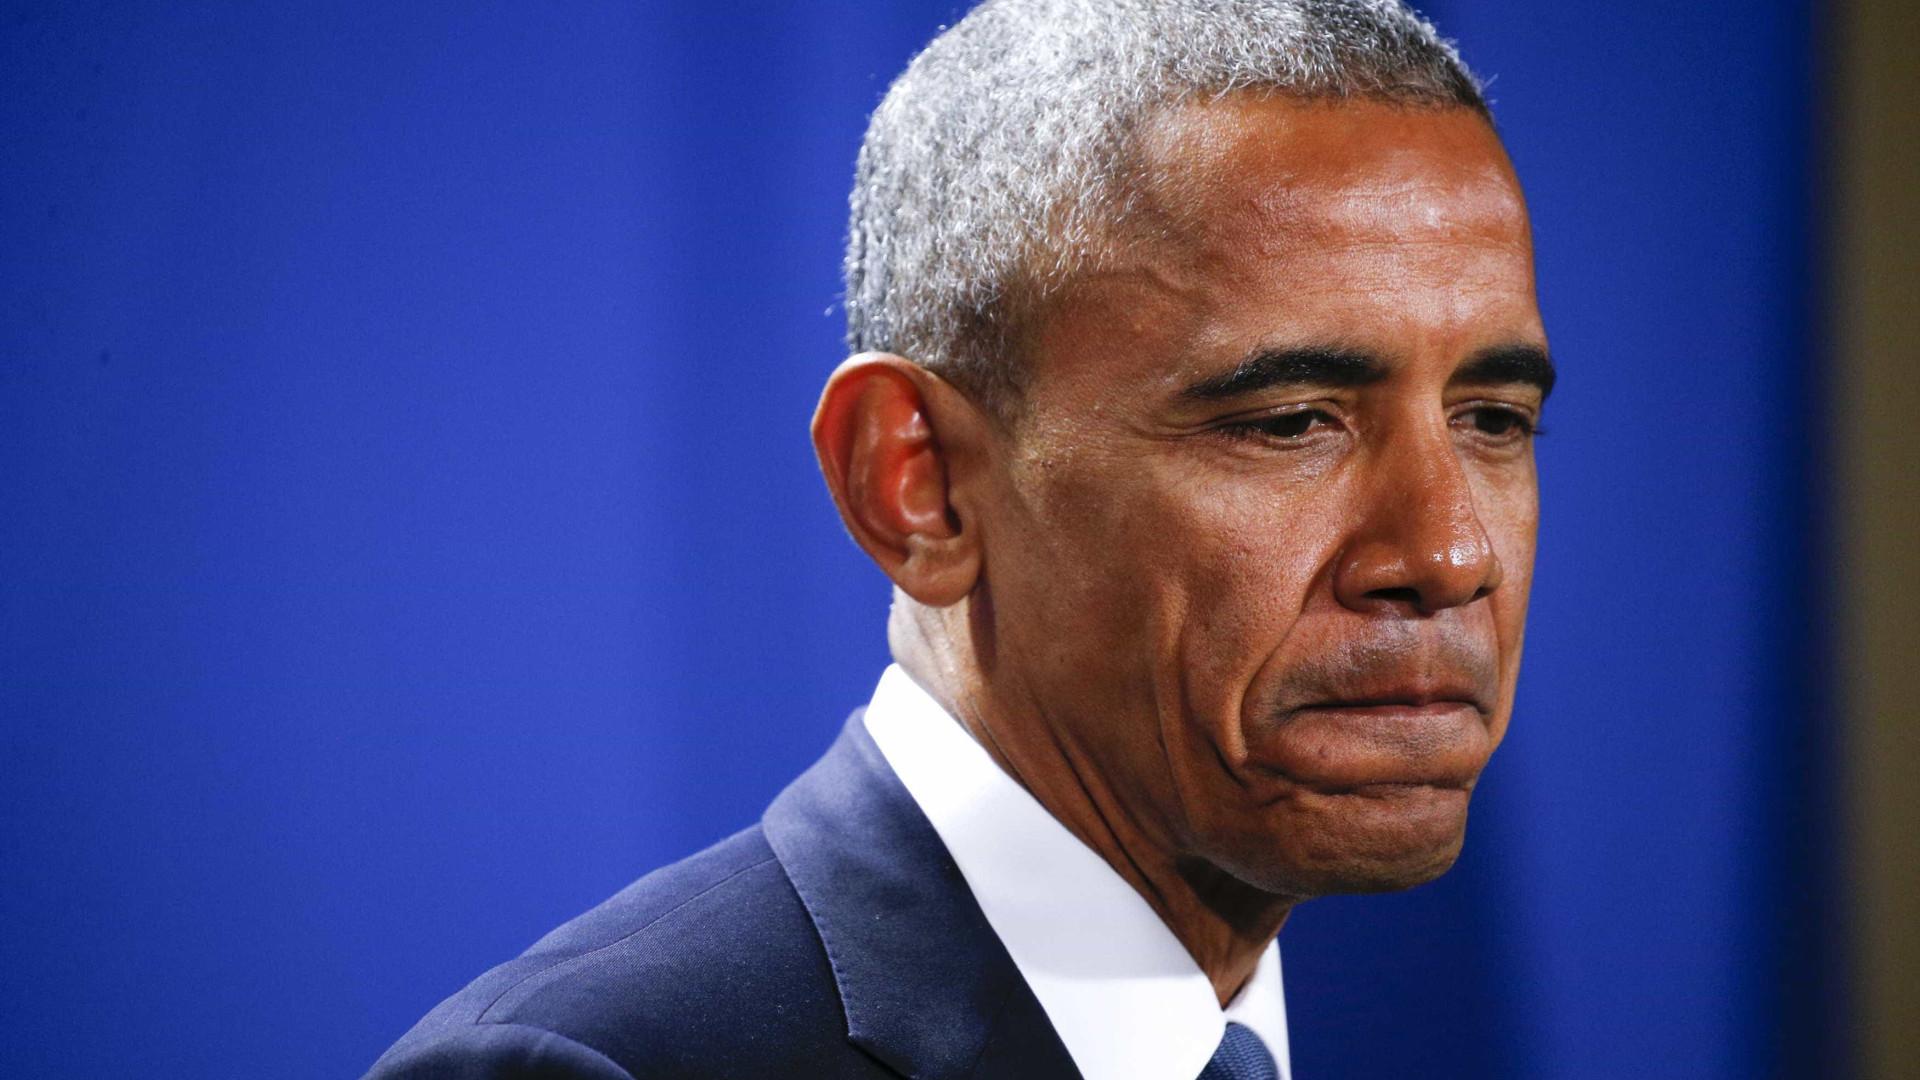 Obama critica esforços dos republicanos para revogarem Obamacare